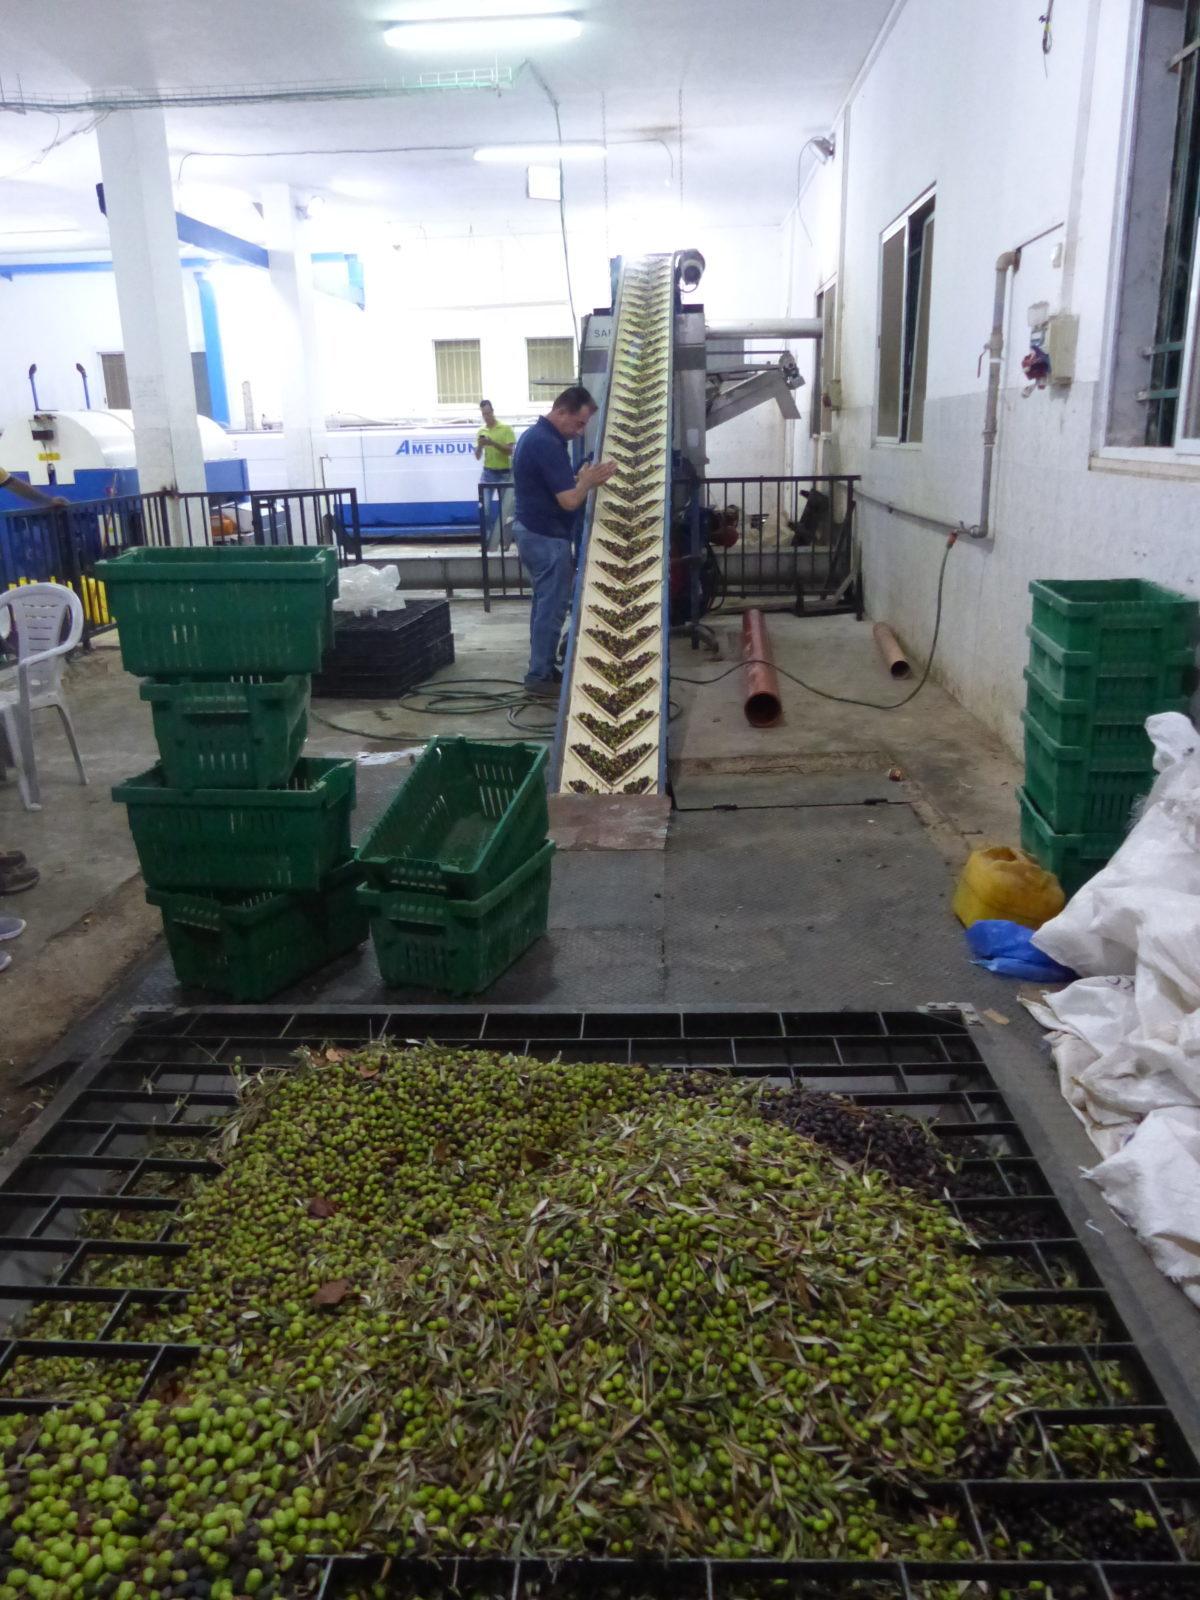 18ème campagne de cueillette des olives en Palestine occupée, Farkha le 11 octobre